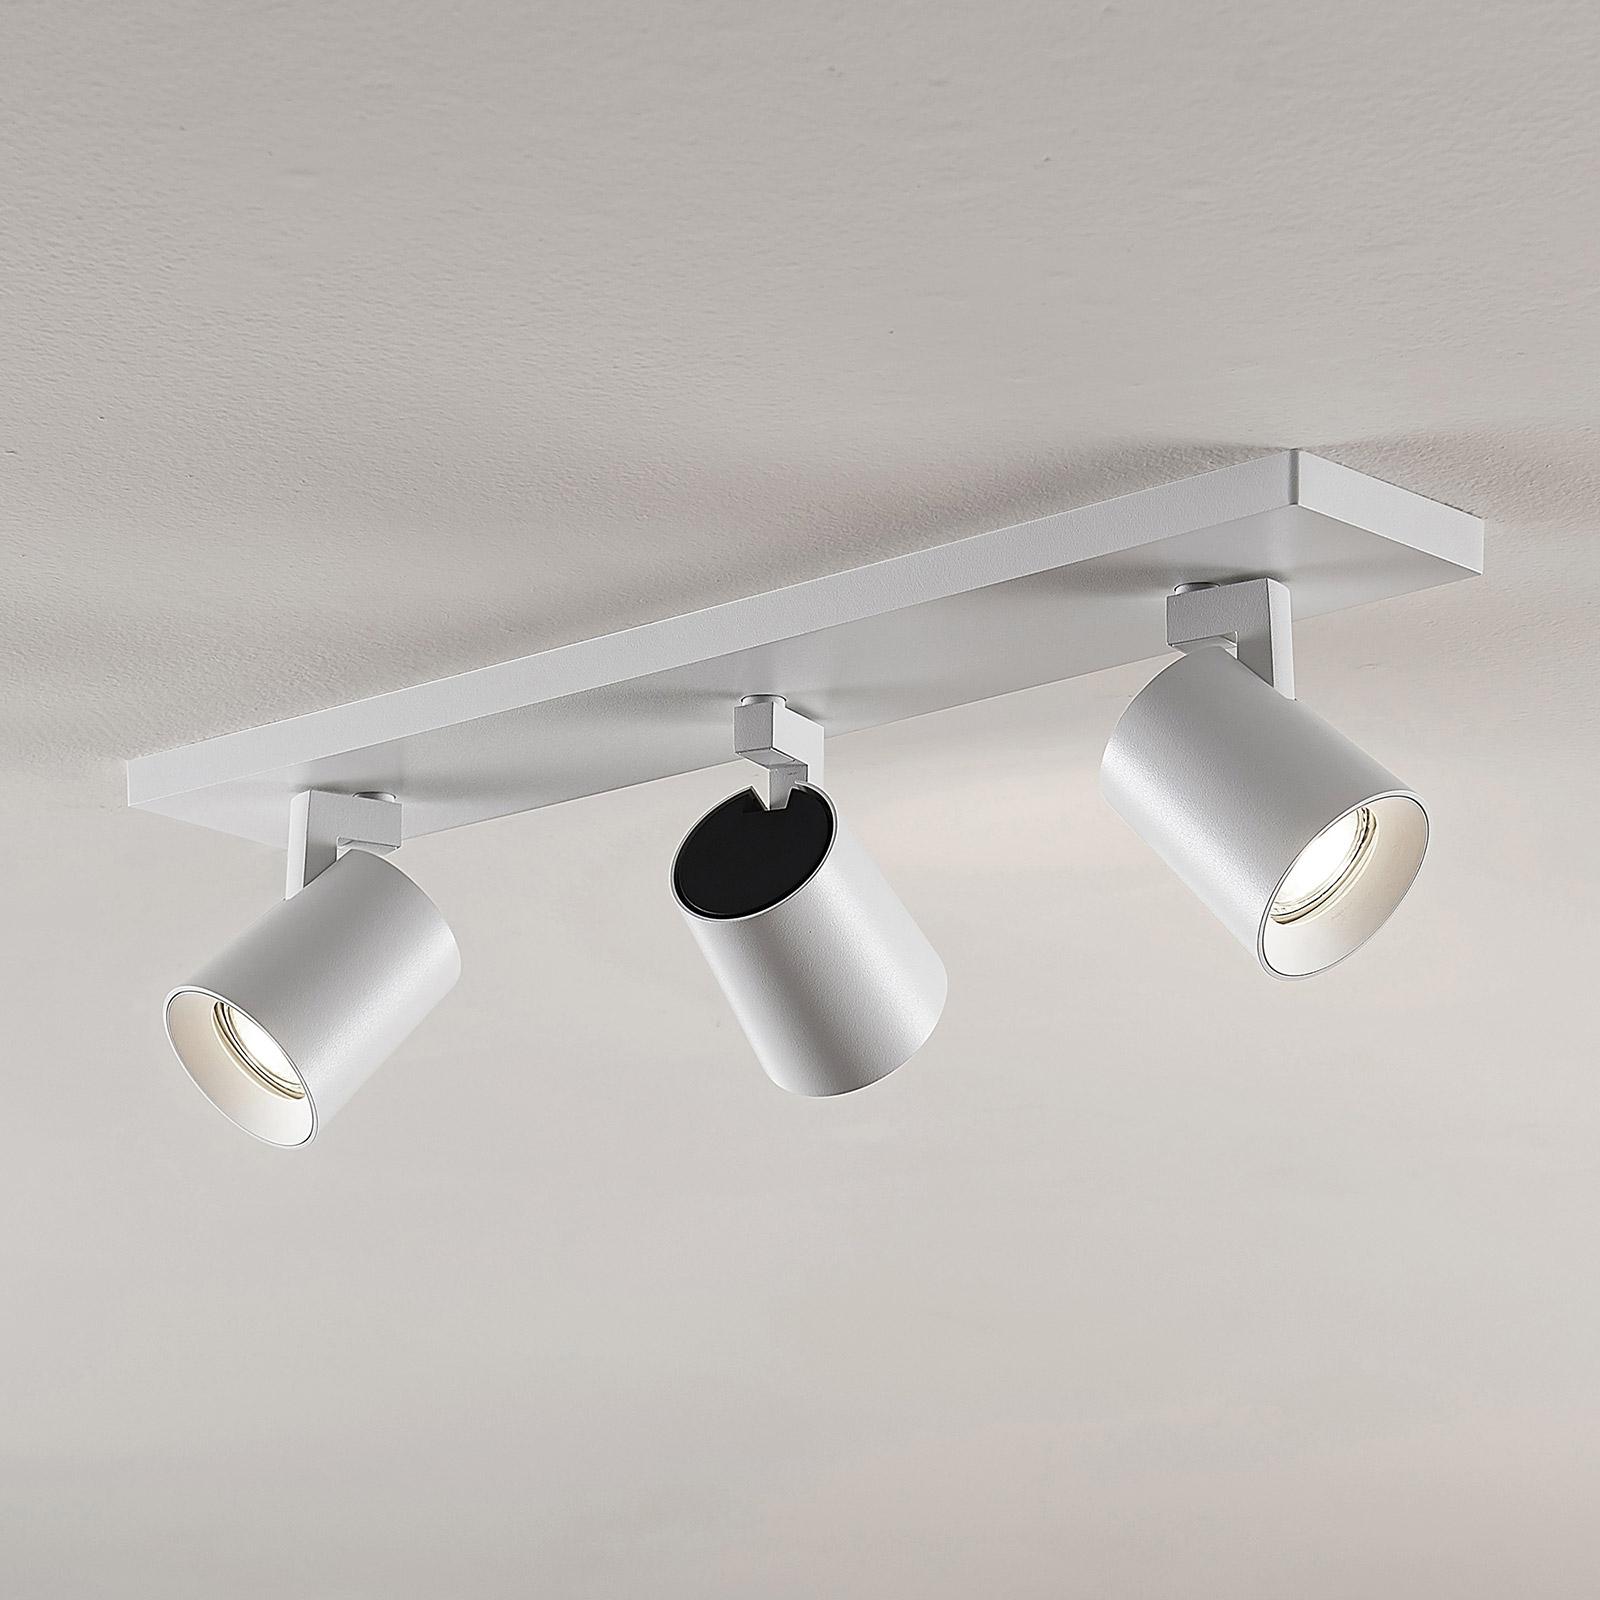 Kattokohdevalo Iavo säädettävä valkoinen 3 lamppua